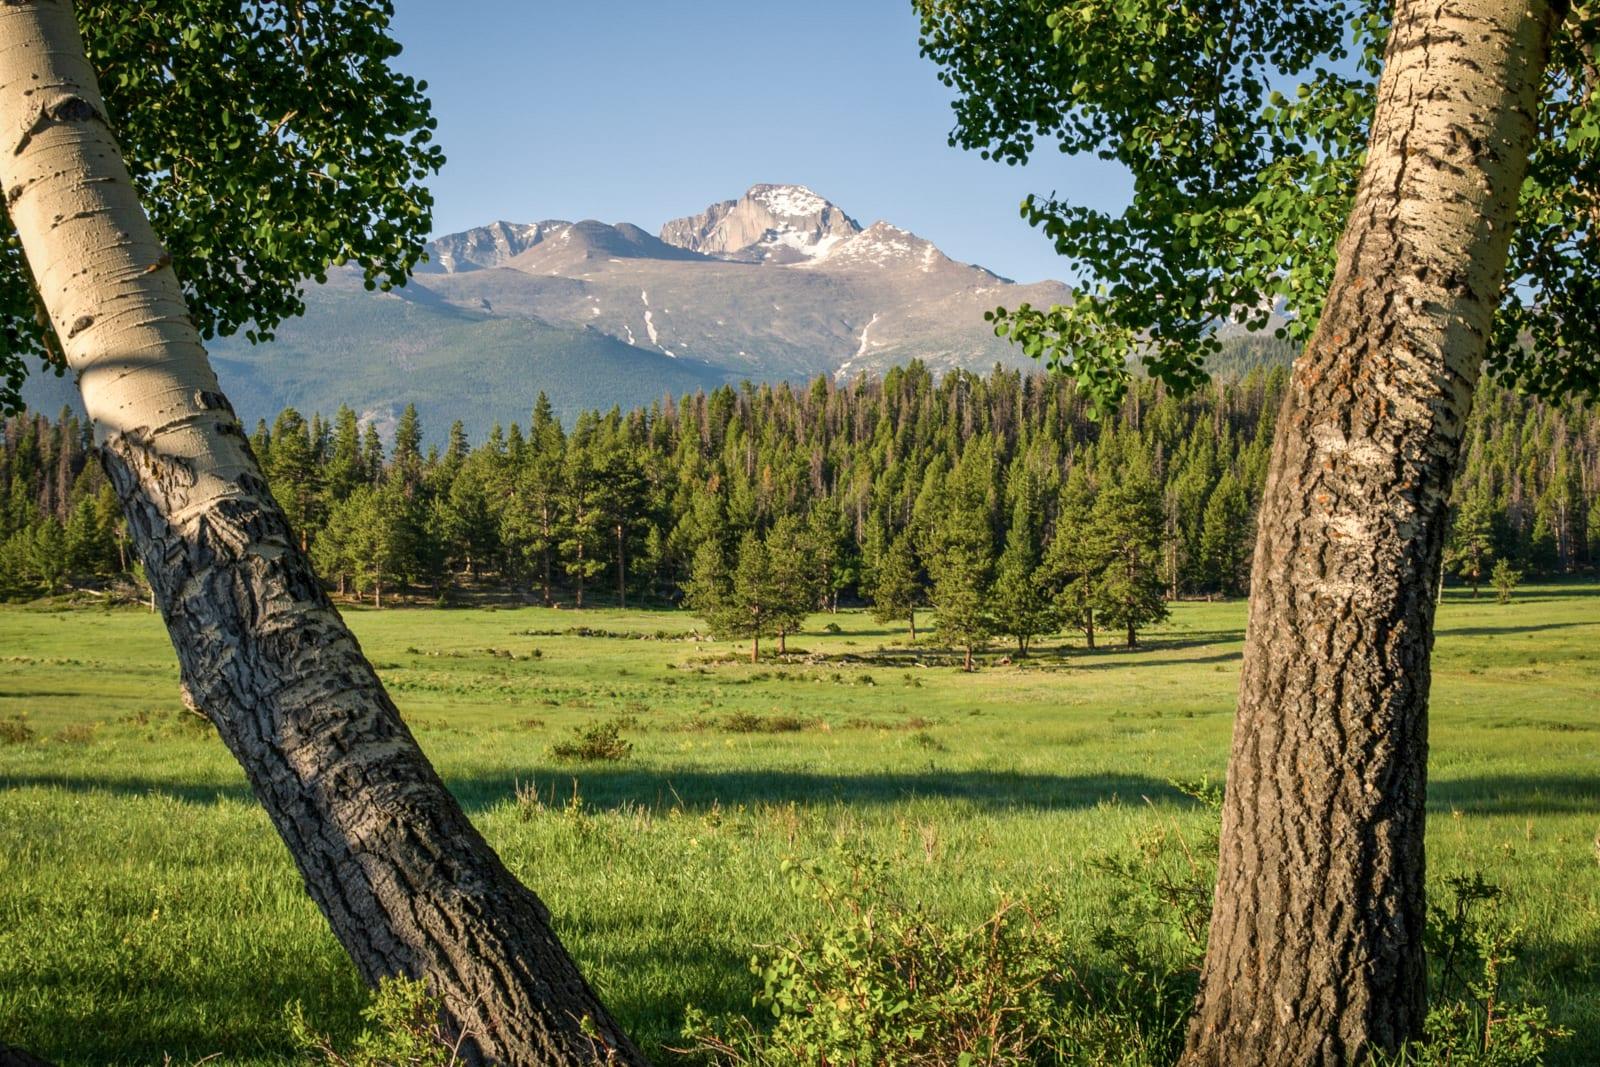 Rocky Mountain National Park Wilderness Longs Peak Trees